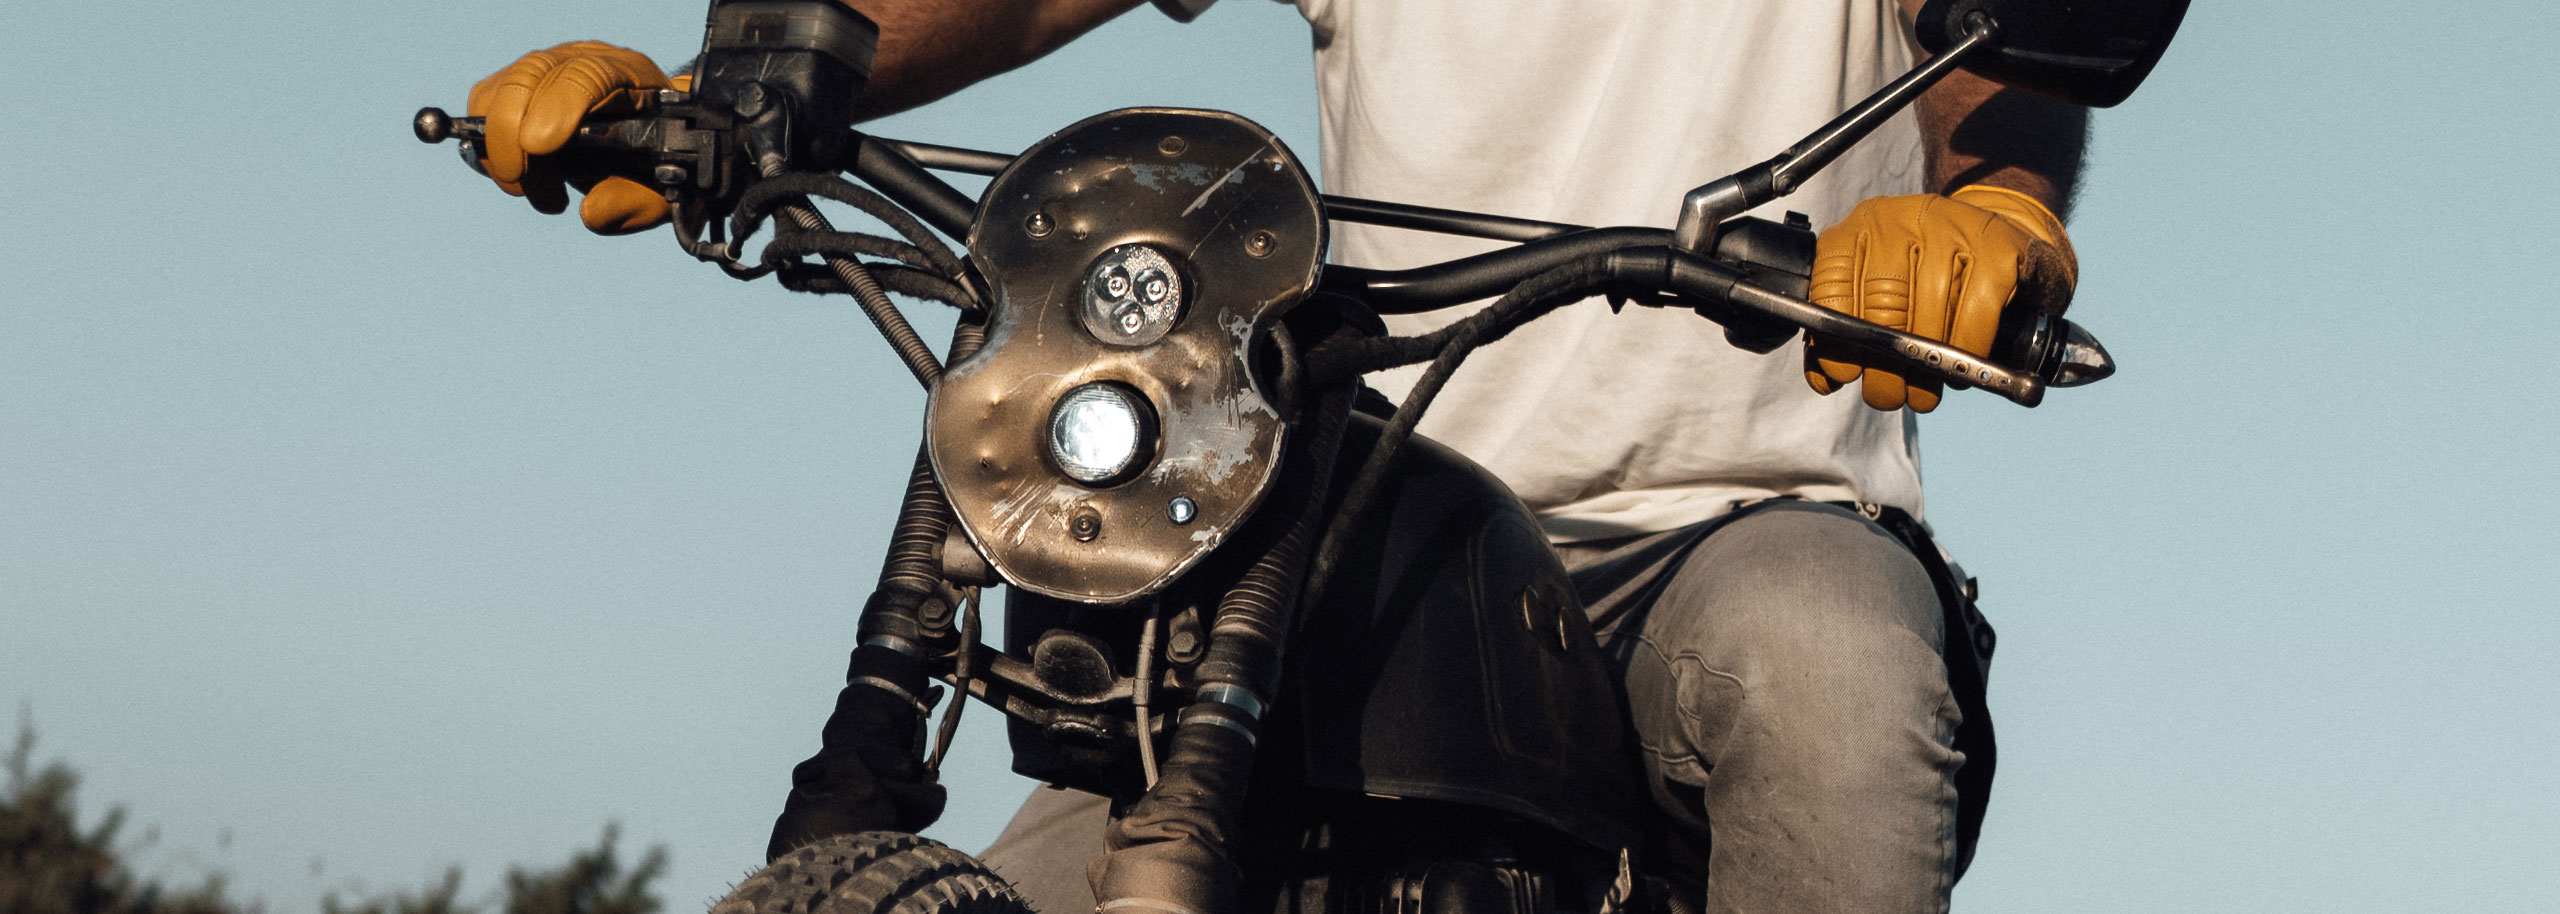 TITAN-Myrmidon-Honda-CB-400N-Cafe-Racer-Scrambler-Tracker-Custom-Bike-Graz